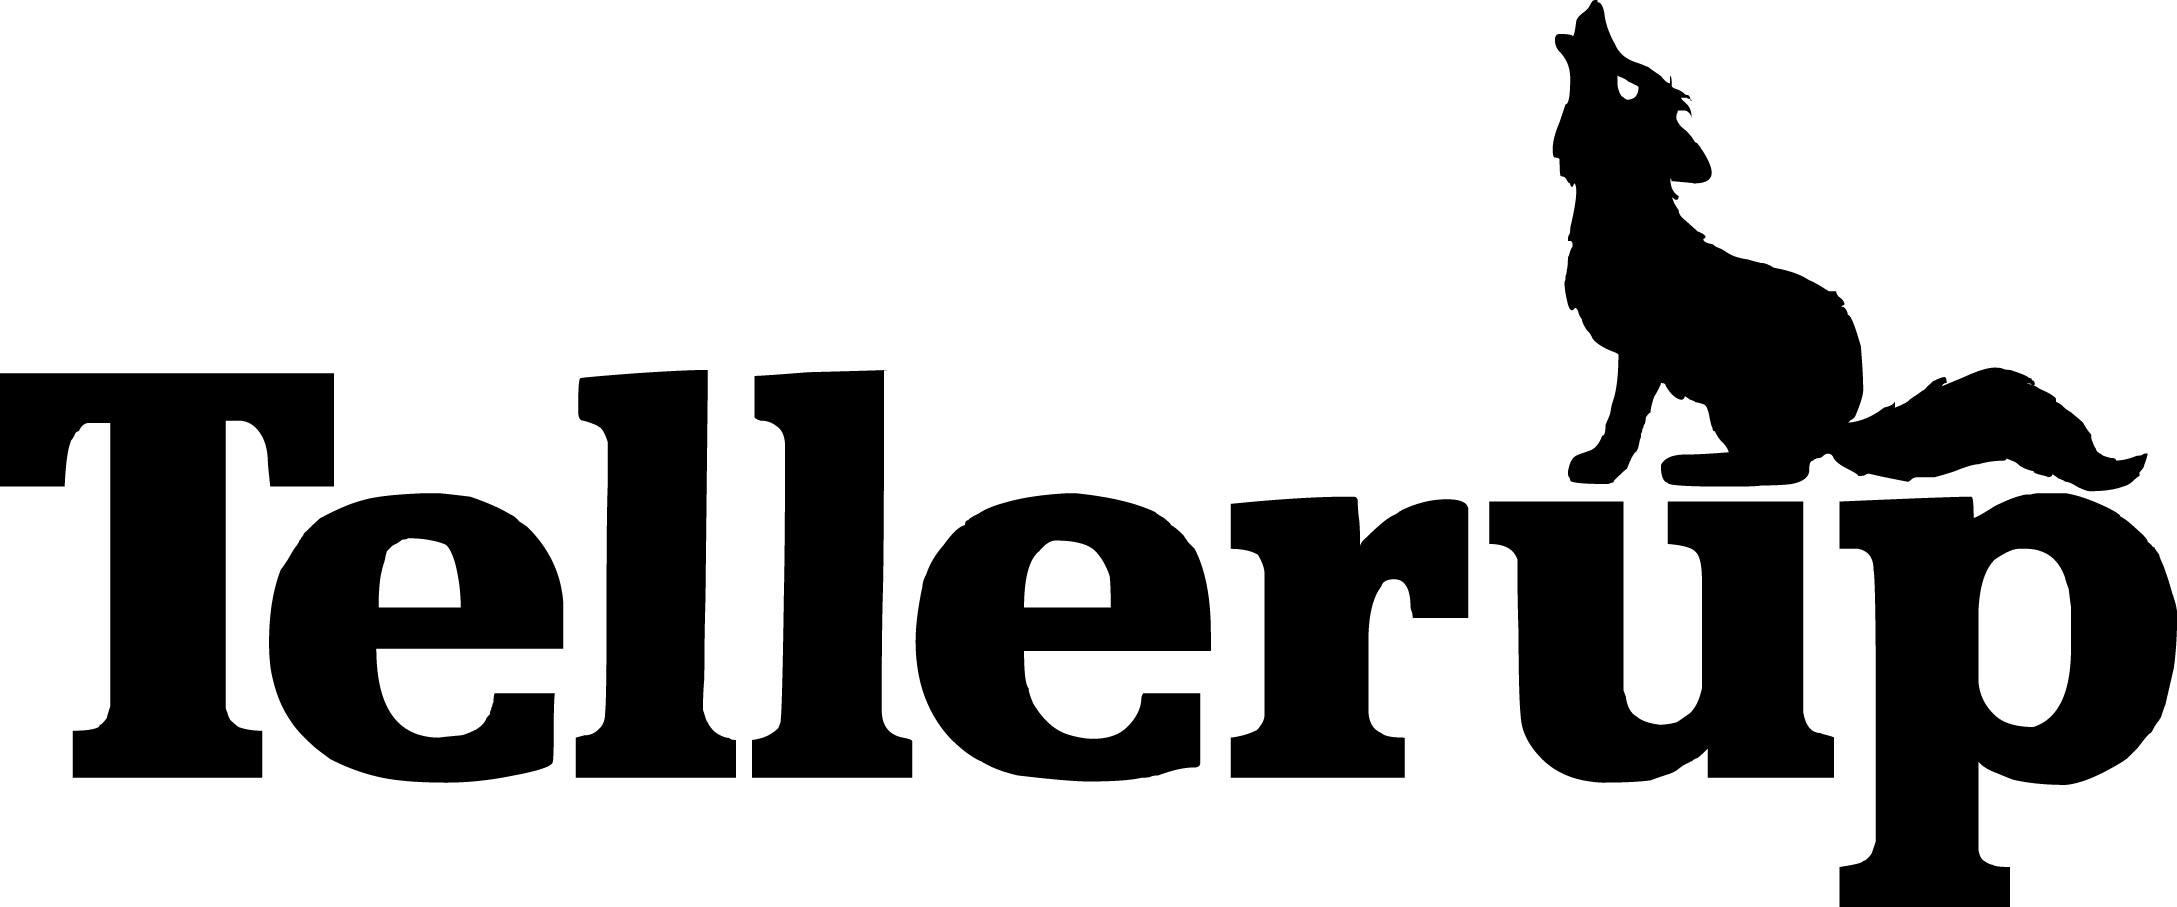 Forlaget Tellerup